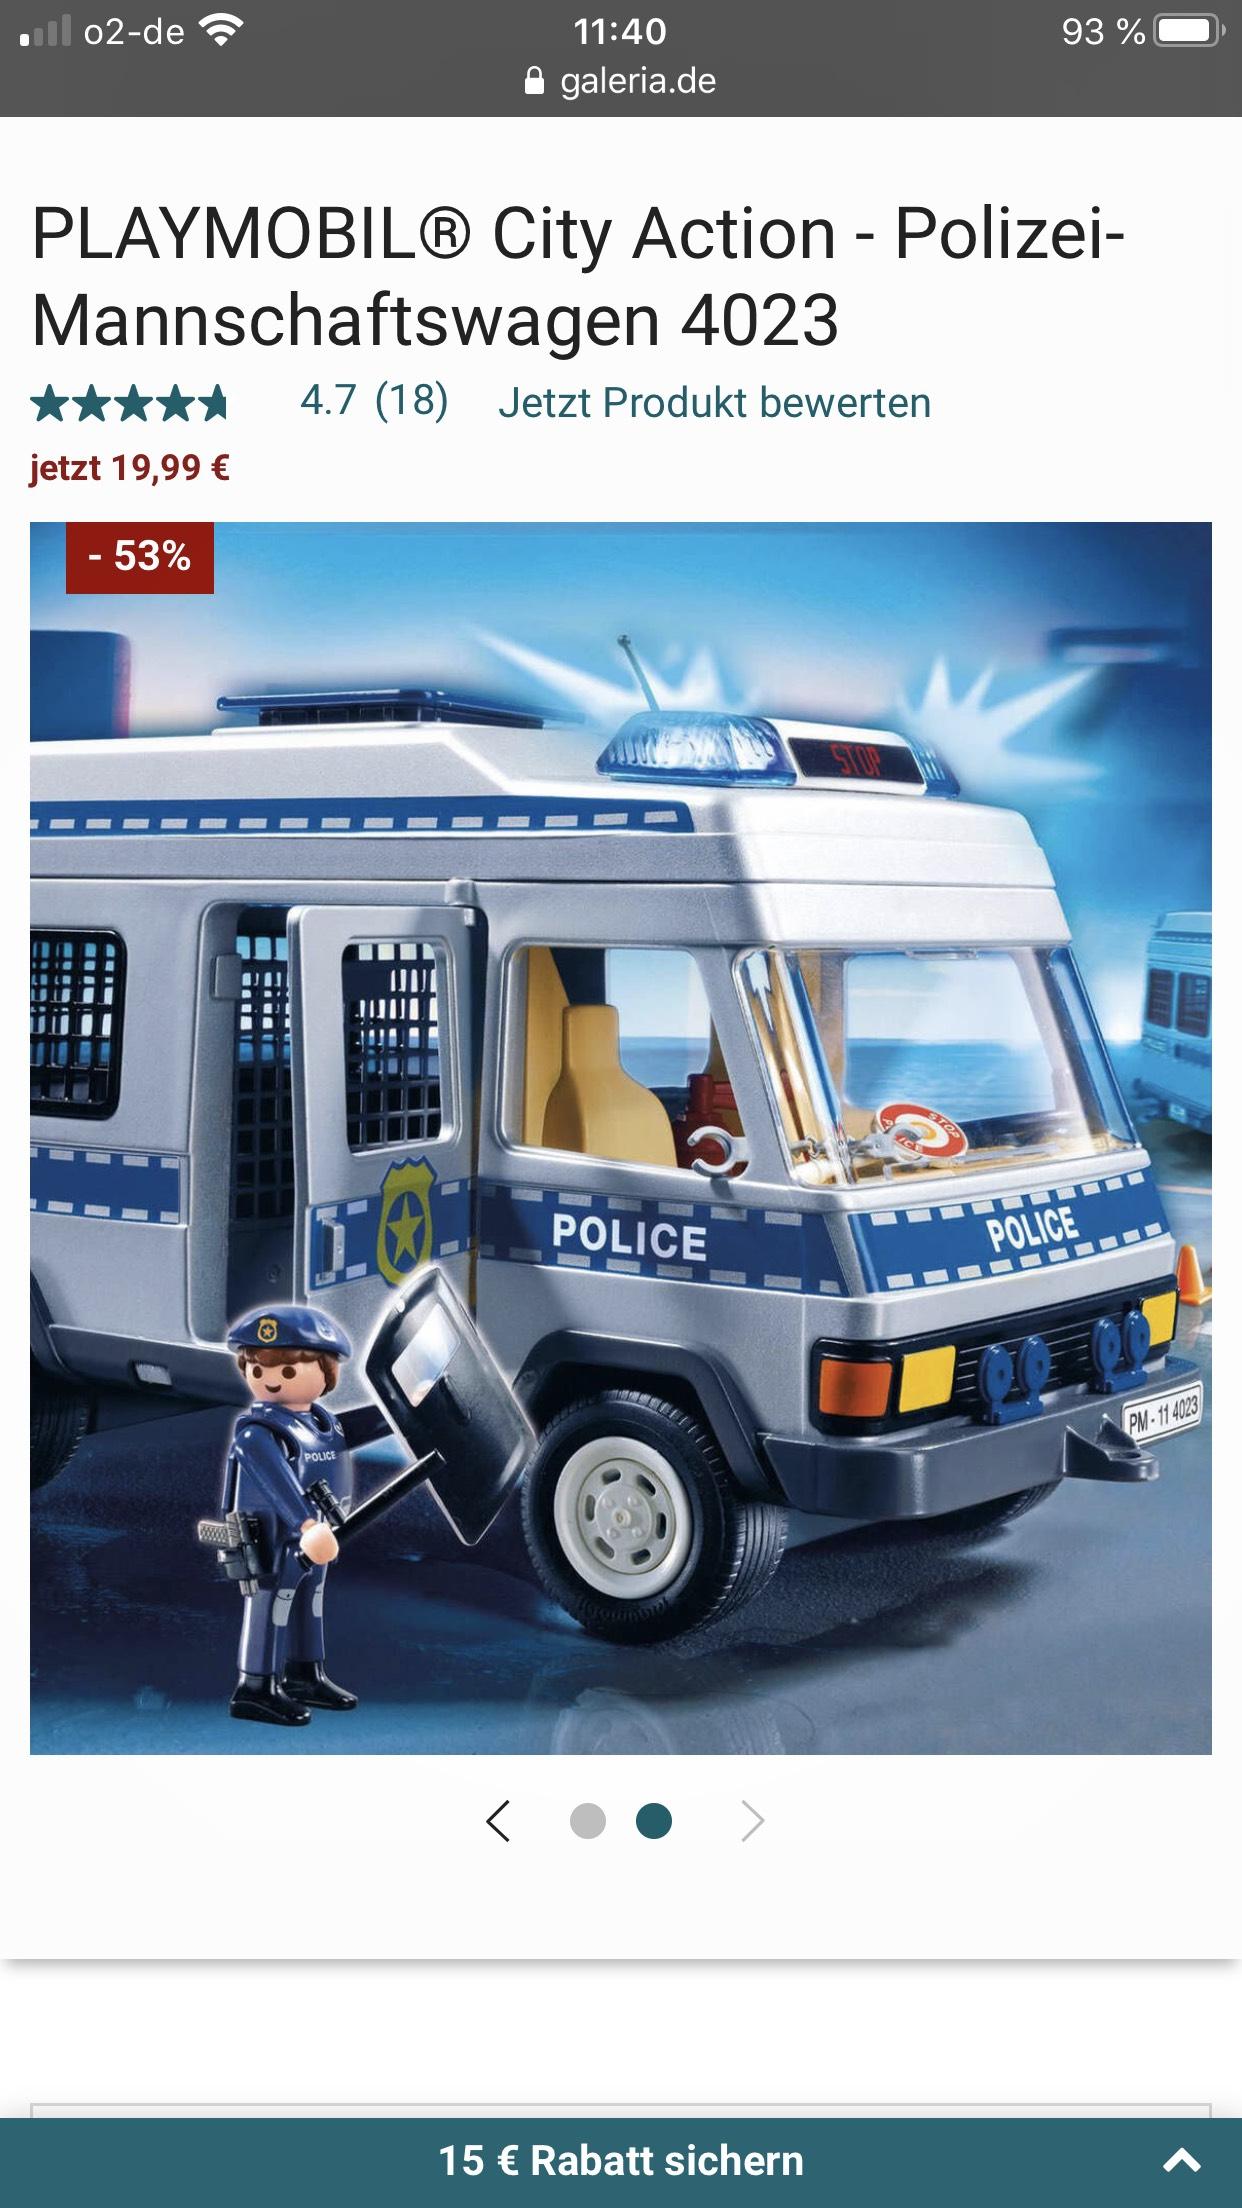 (Galeria Karstadt Kauhof) Playmobil Polizei-Mannschaftswagen 4023